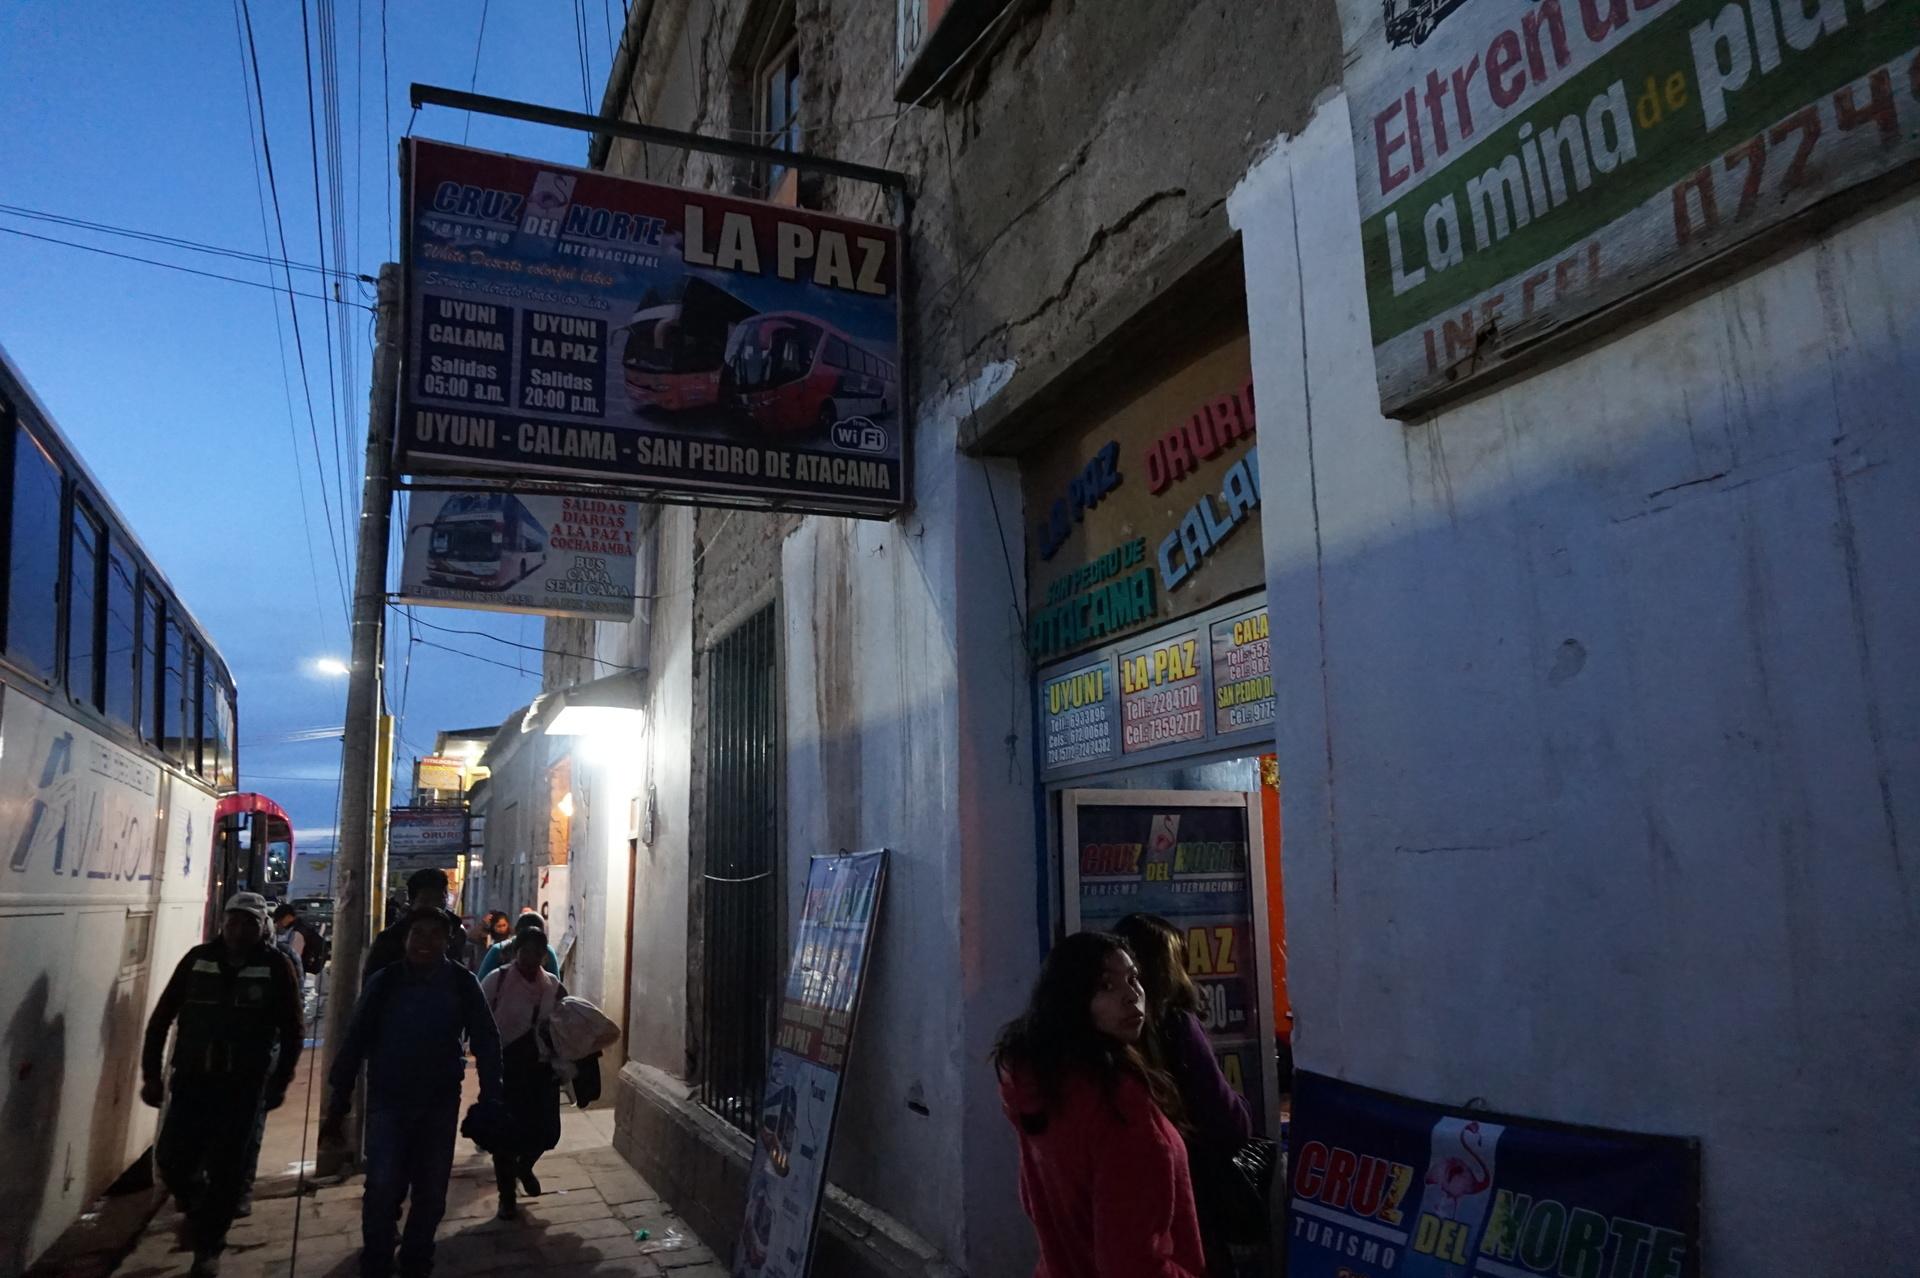 チリ ボリビア 旅行 ウユニ 街歩き Cruz de Norte